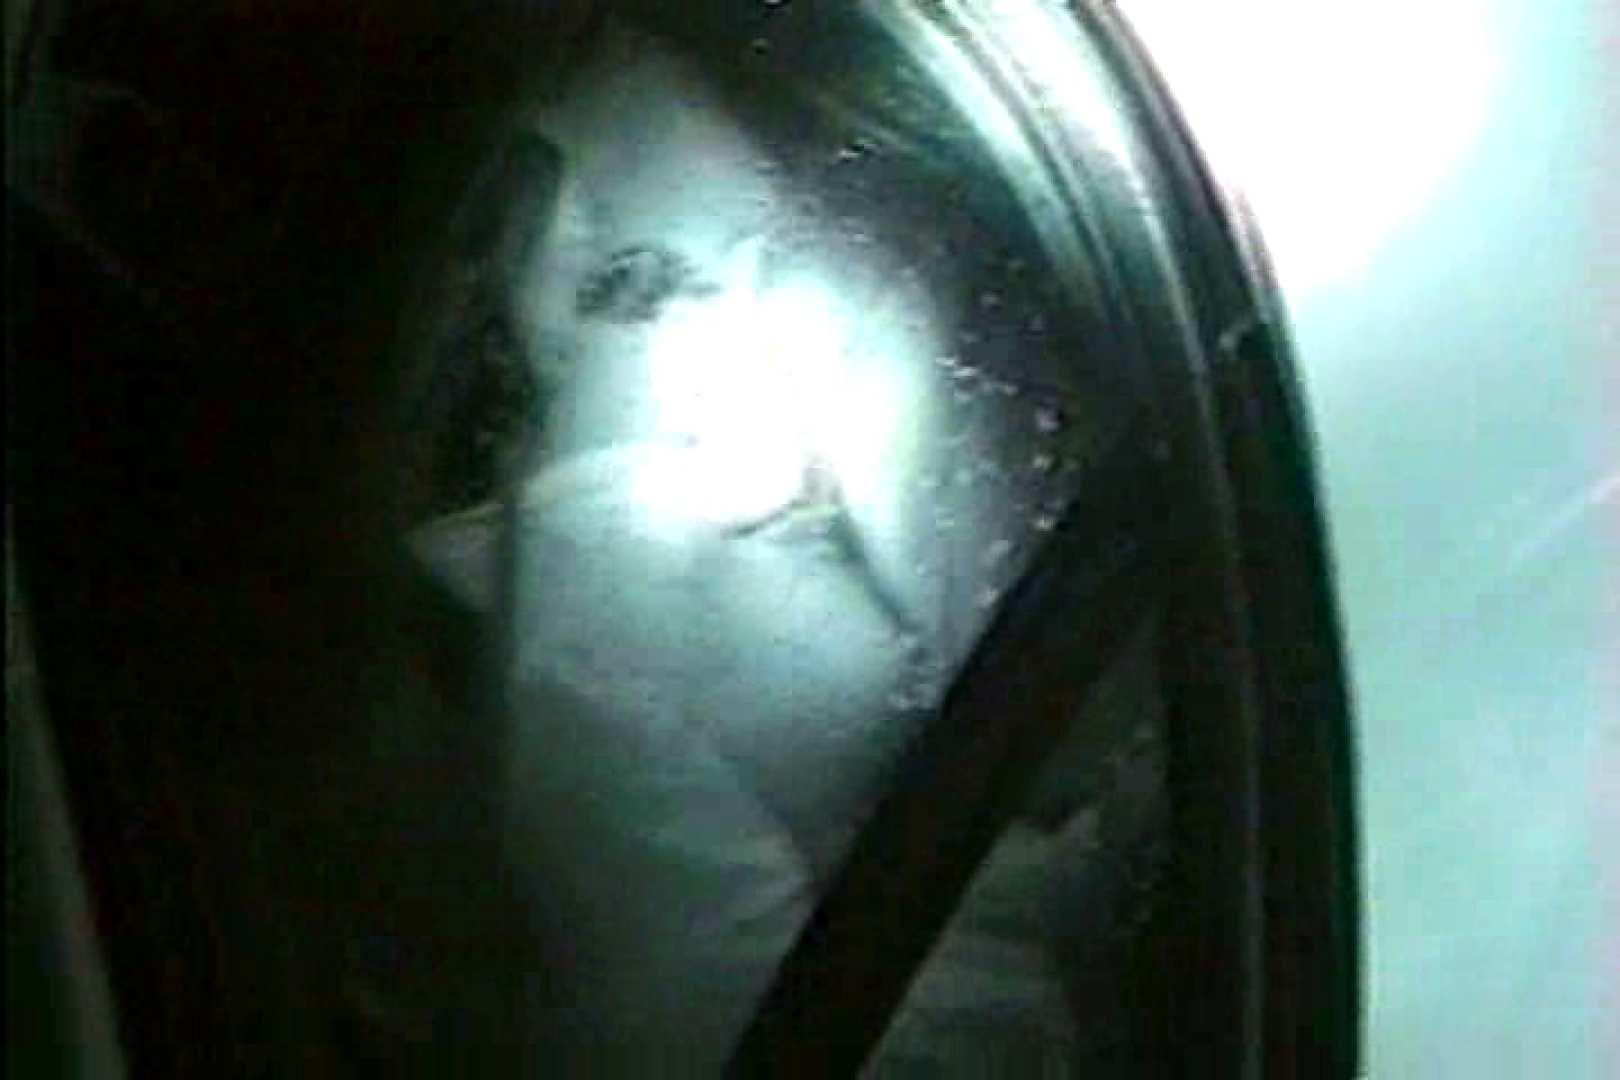 車の中はラブホテル 無修正版  Vol.6 ホテル ワレメ動画紹介 89画像 70